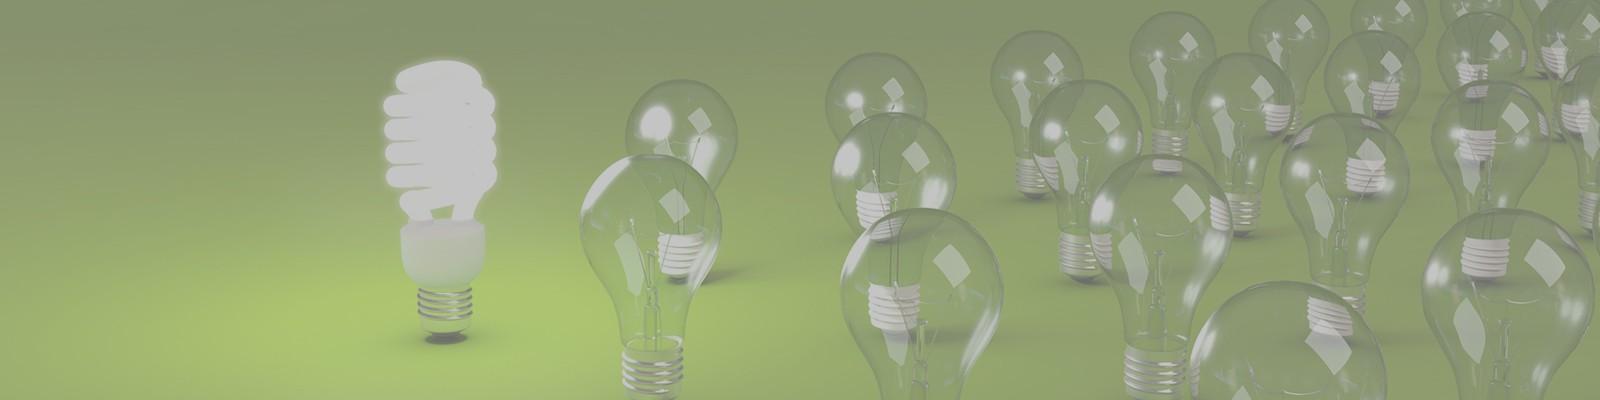 Nuestros asesores de AHORRO ENERGÍA te aconsejaran la mejor Tarifa Eléctrica.